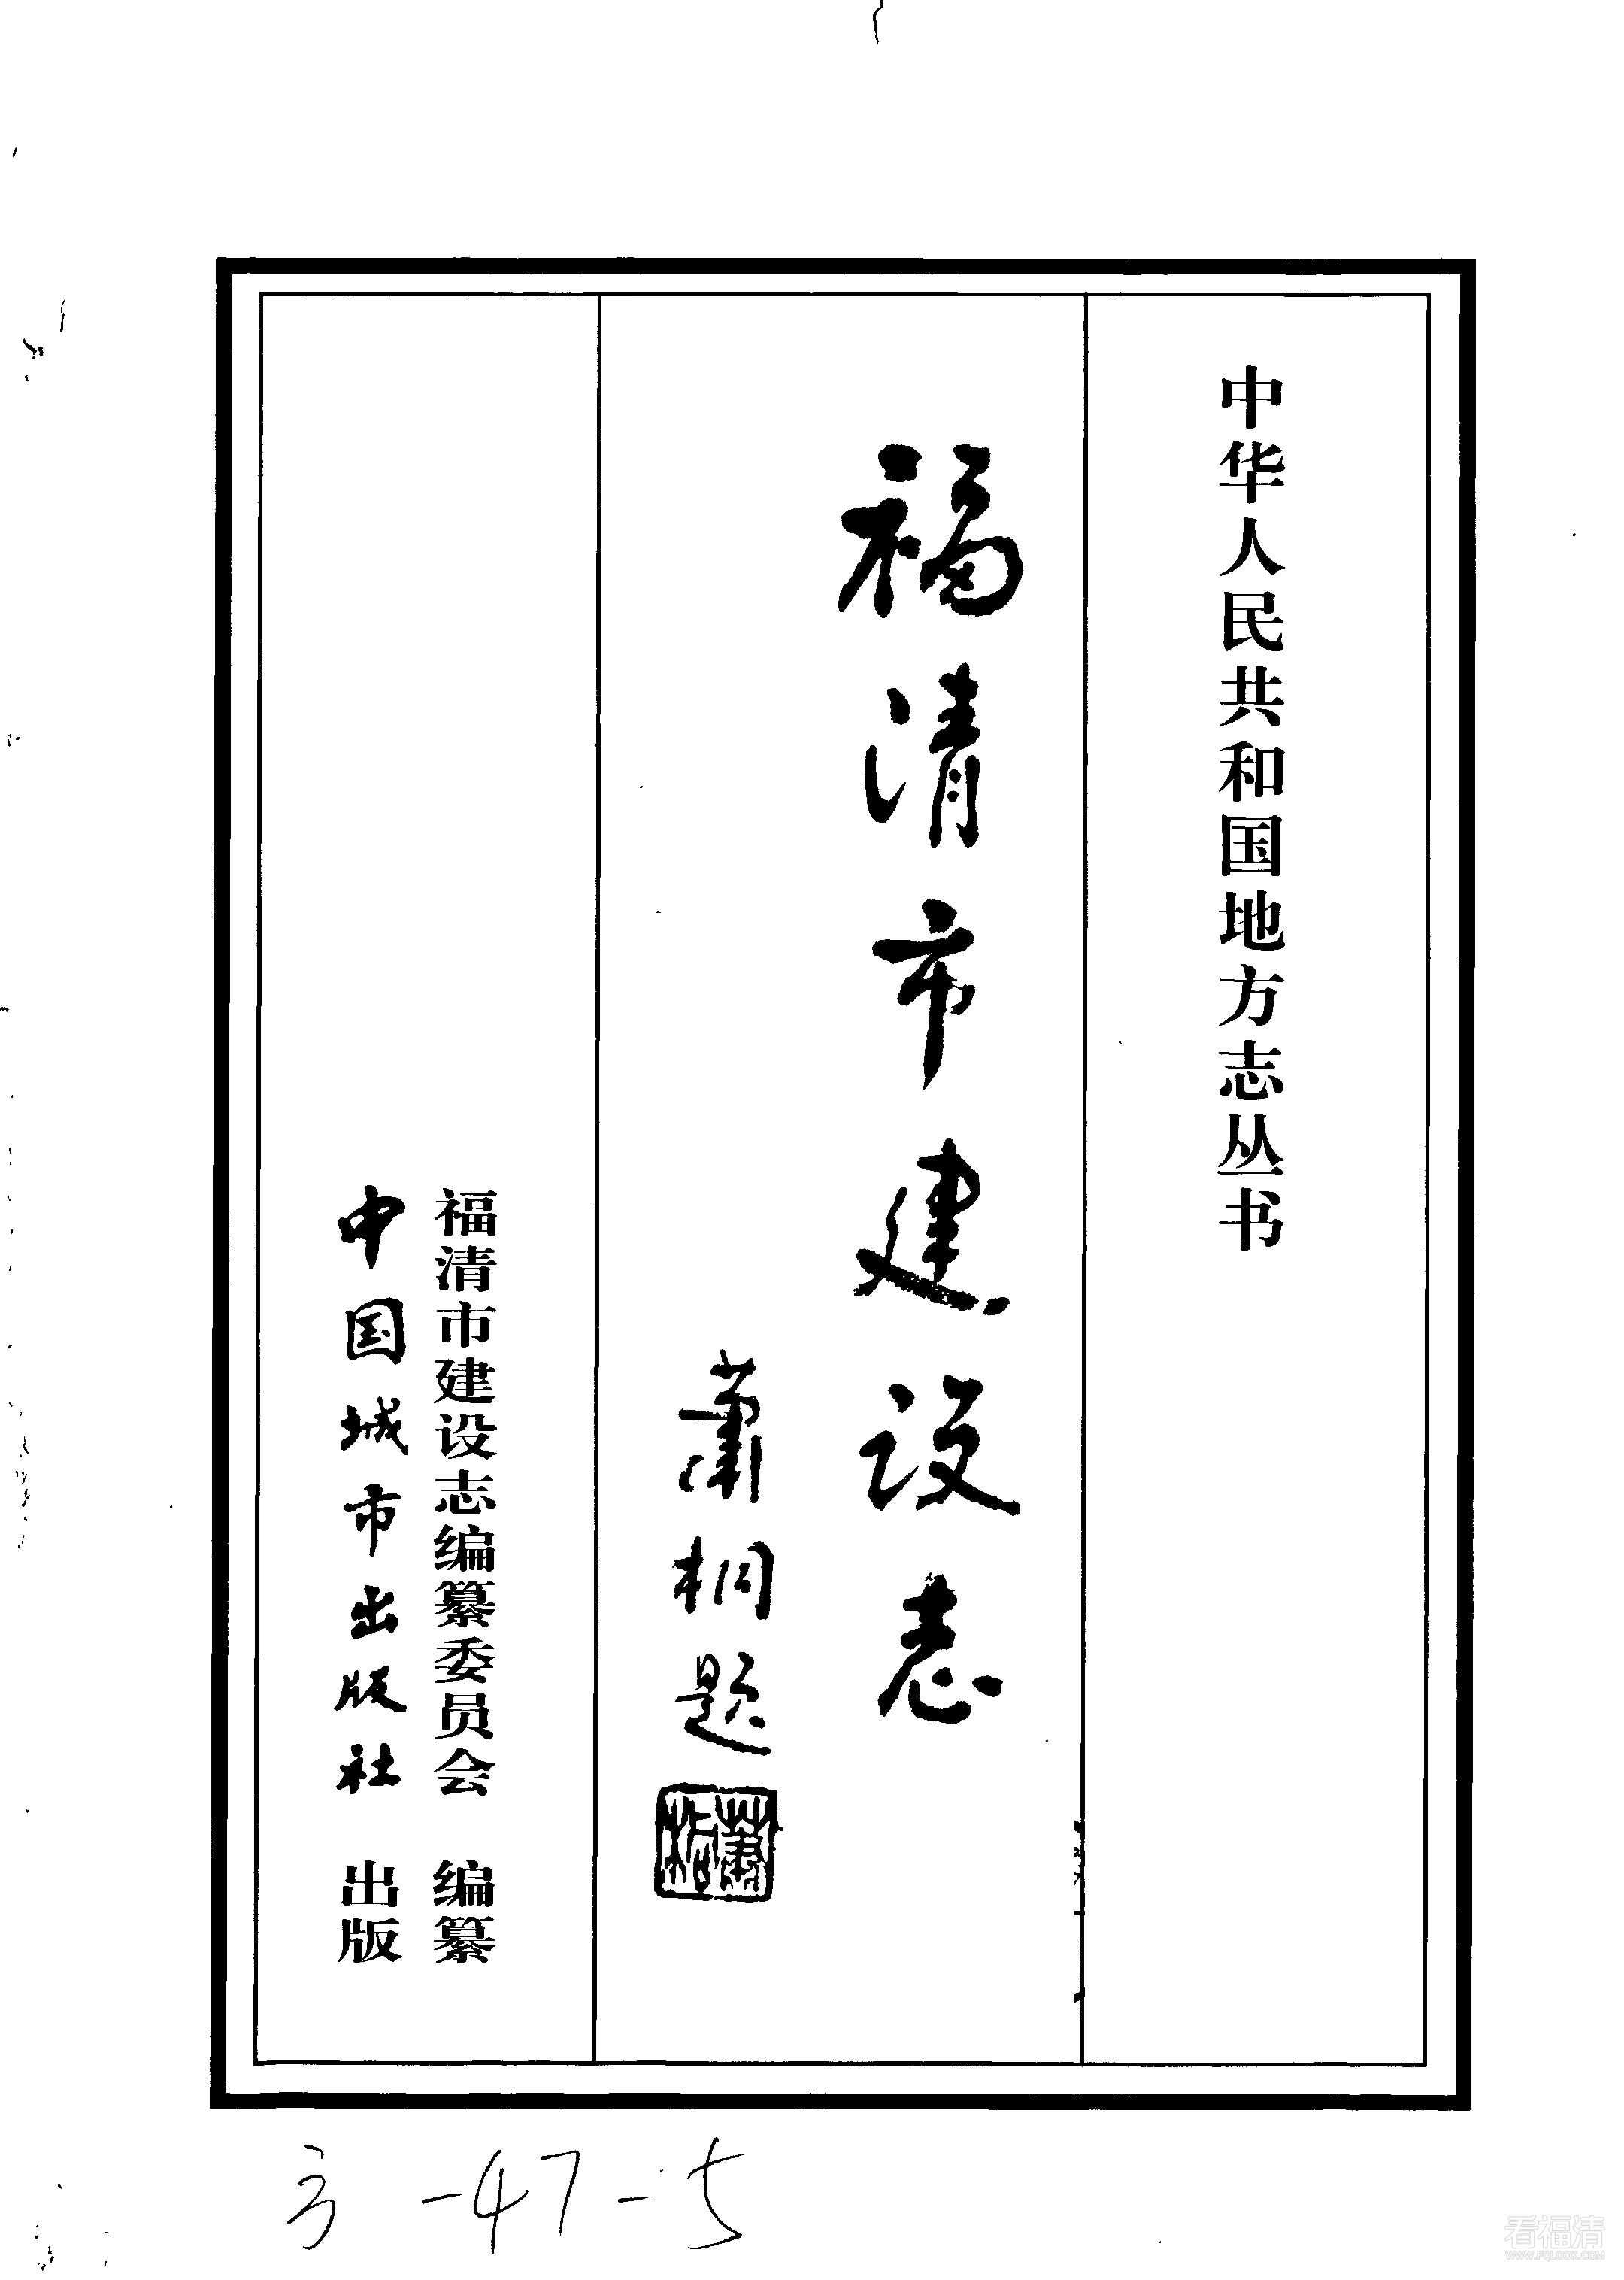 福清市建设志:版权与彩图(一 )